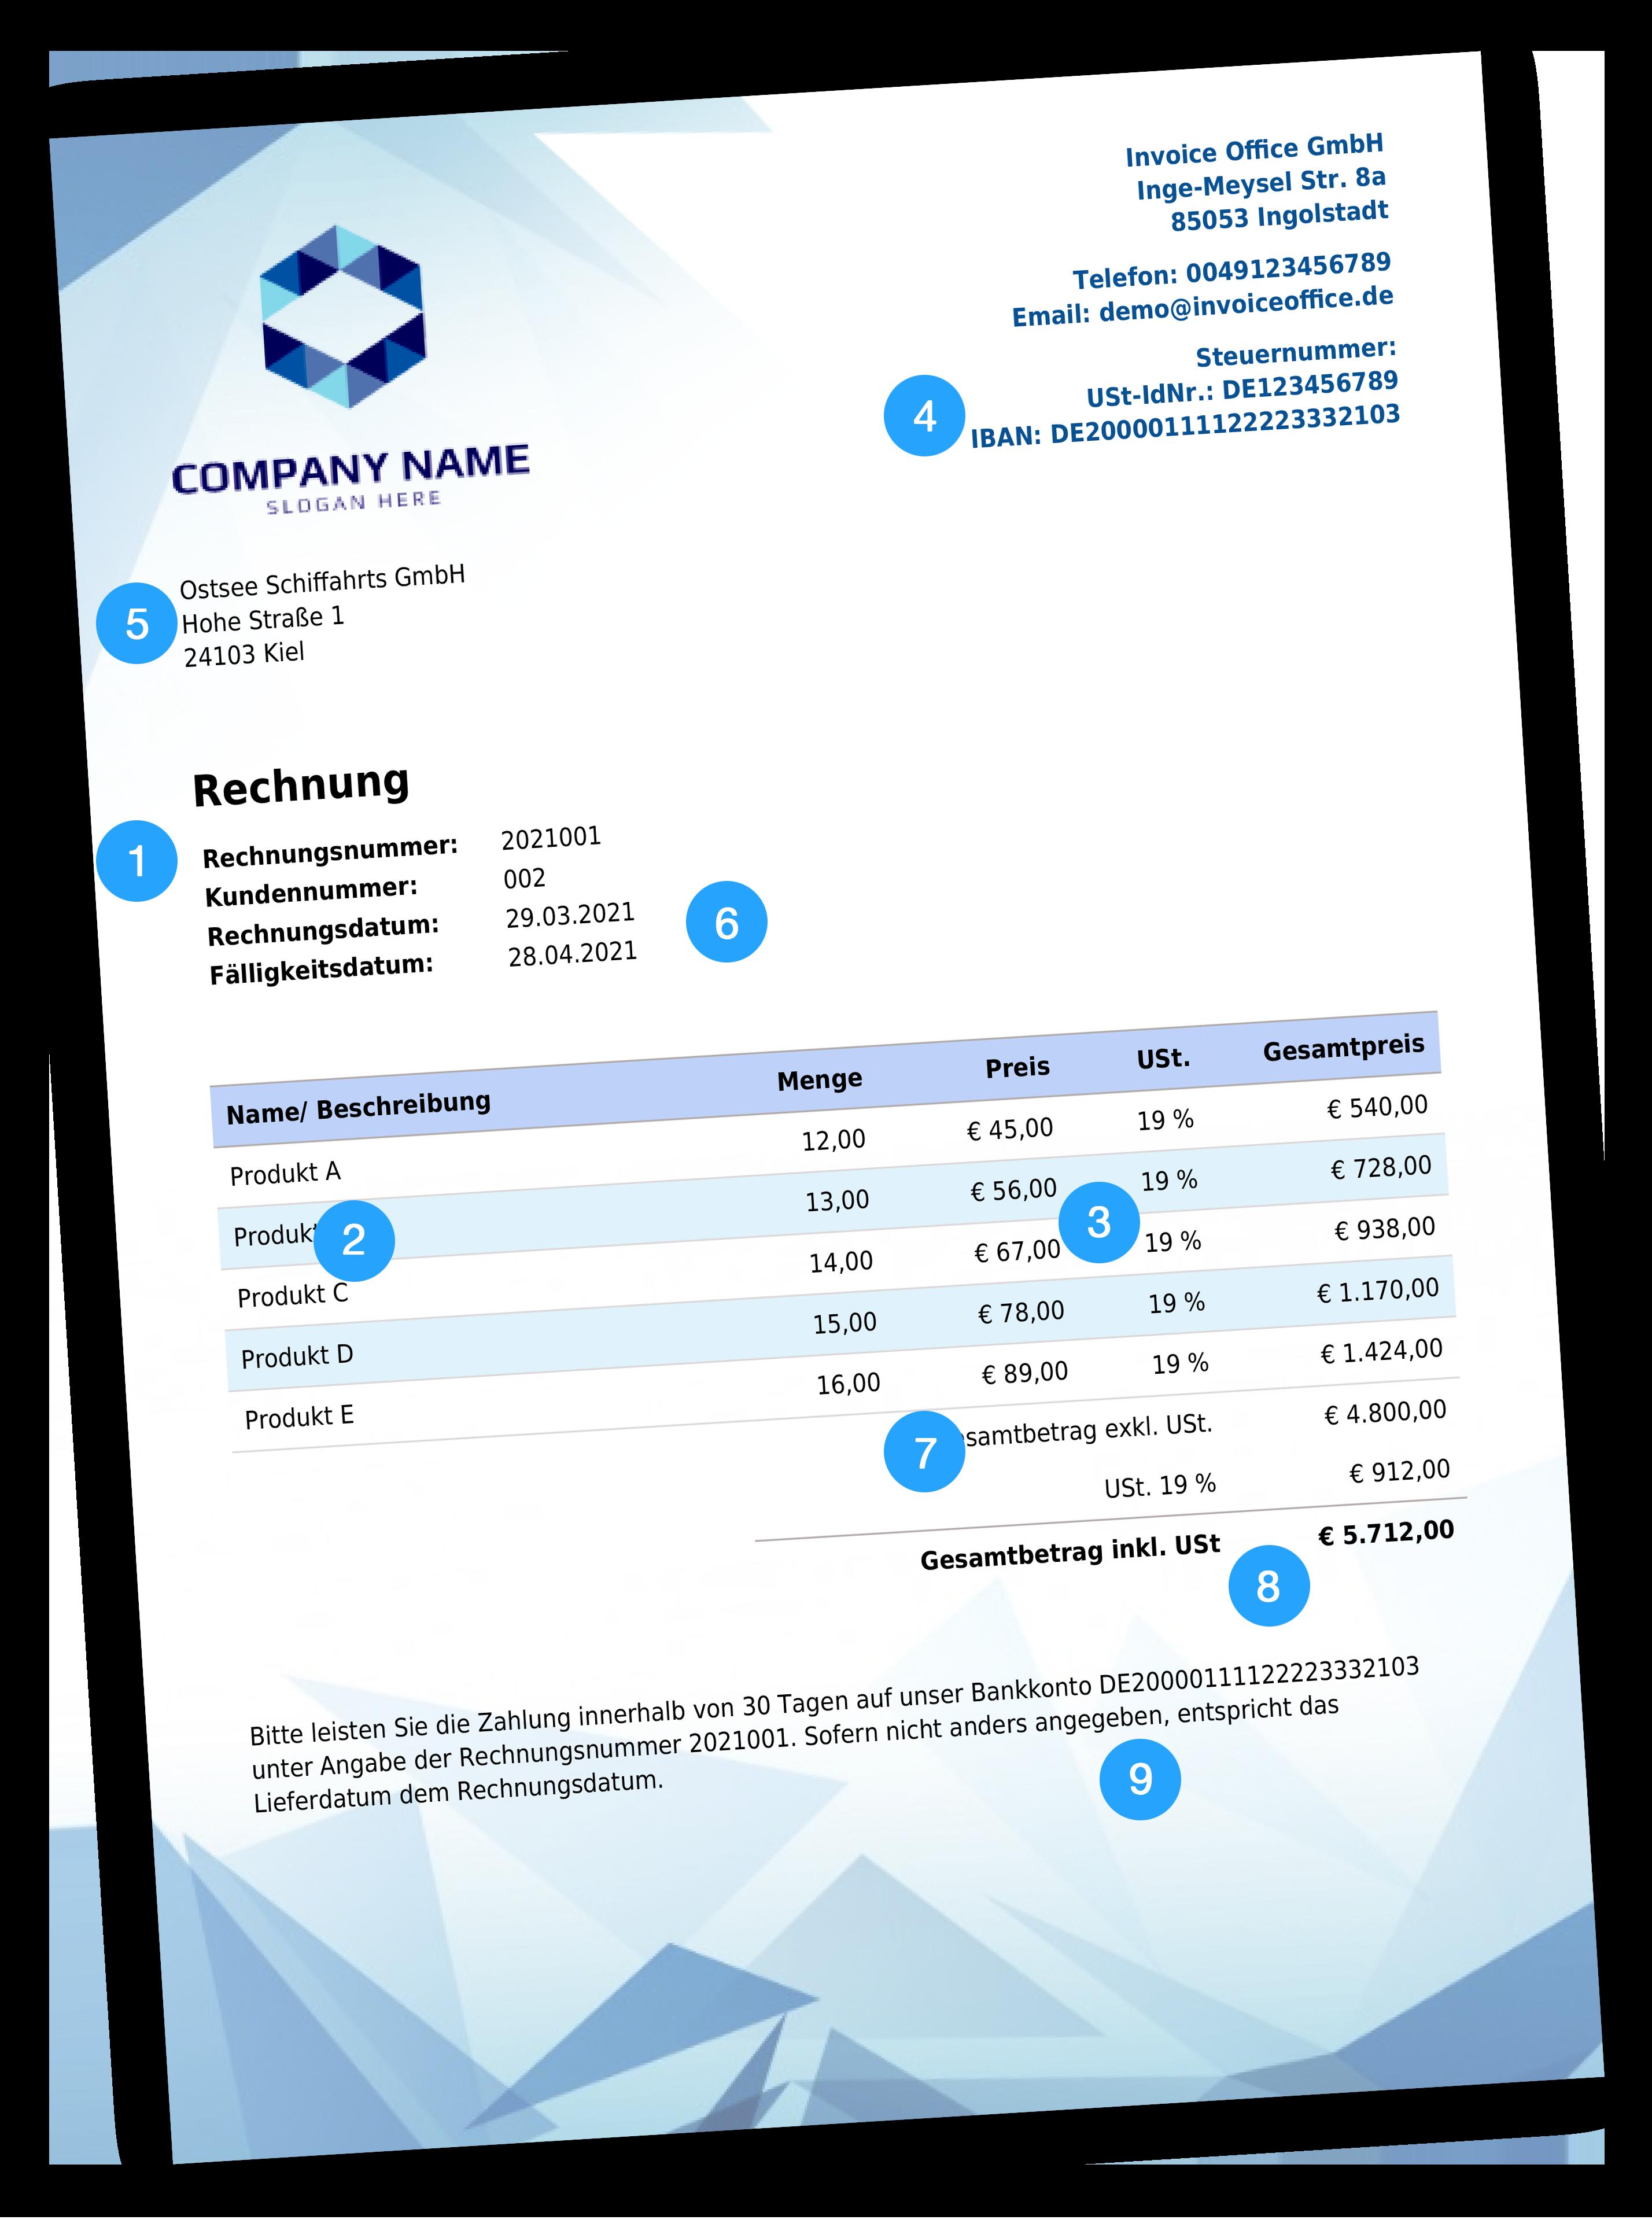 Beispiel für Rechnungsdaten, die von den Steuerbehörden verlangt werden